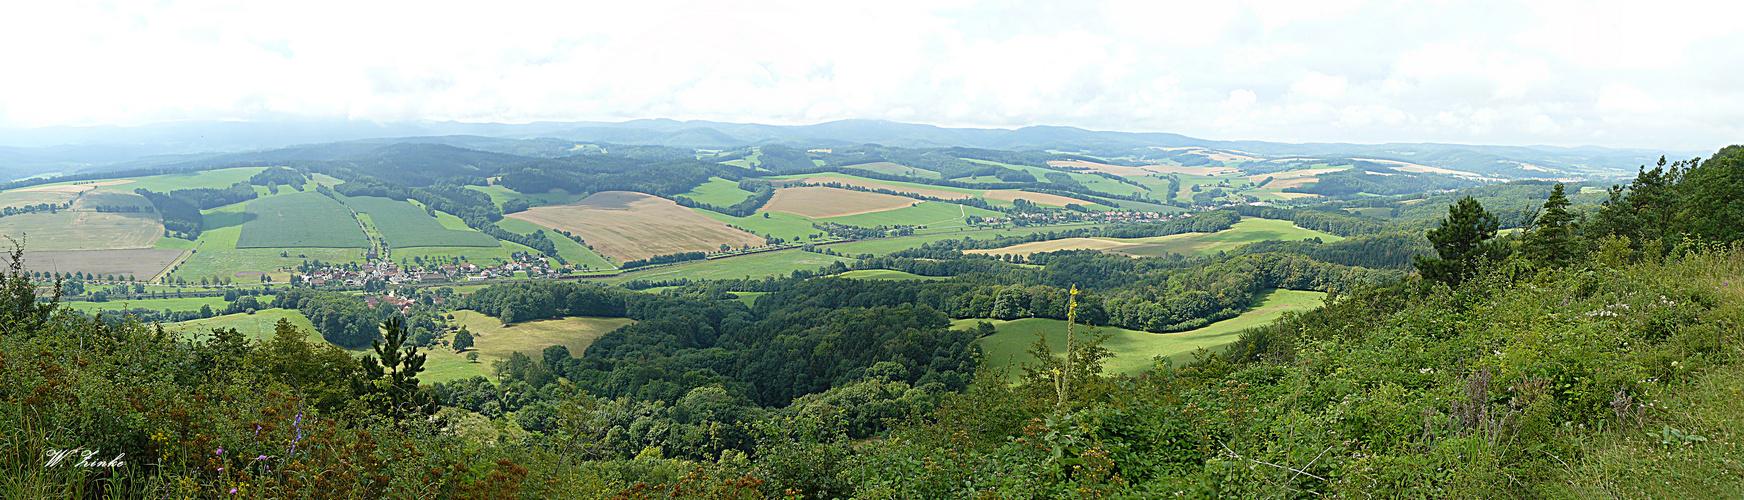 Blick vom Großen Hörselberg